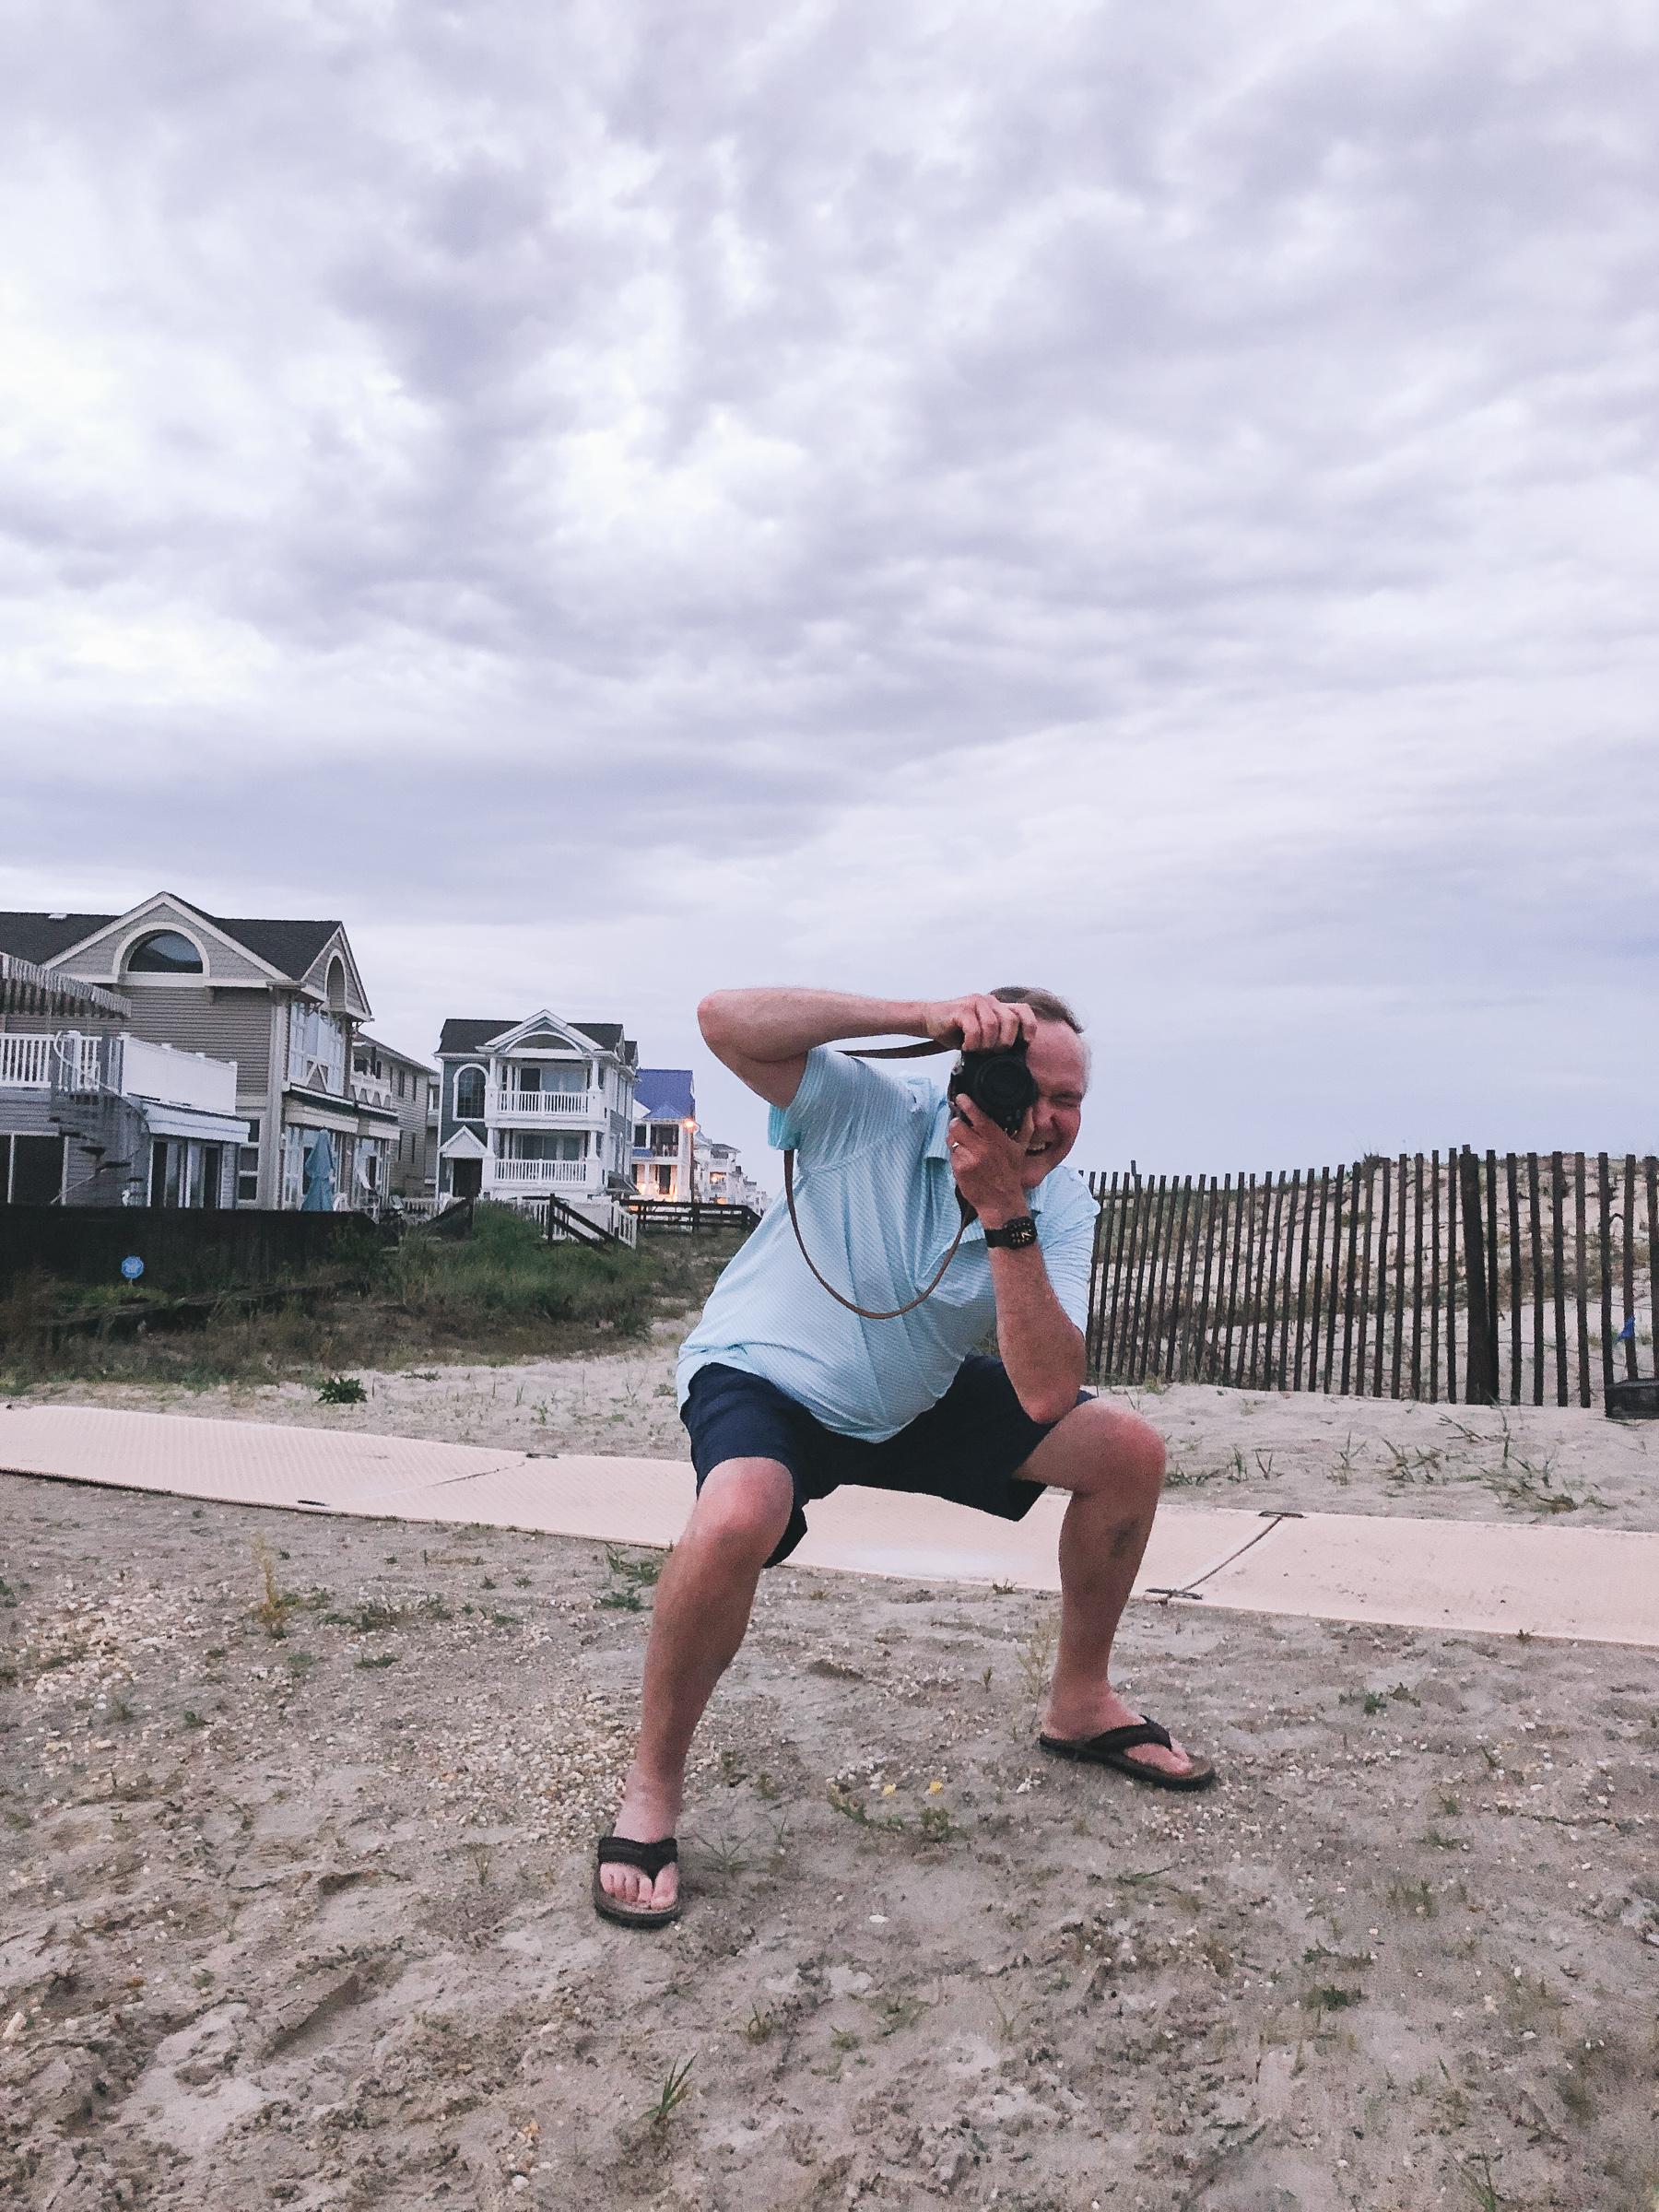 Dad taking photos